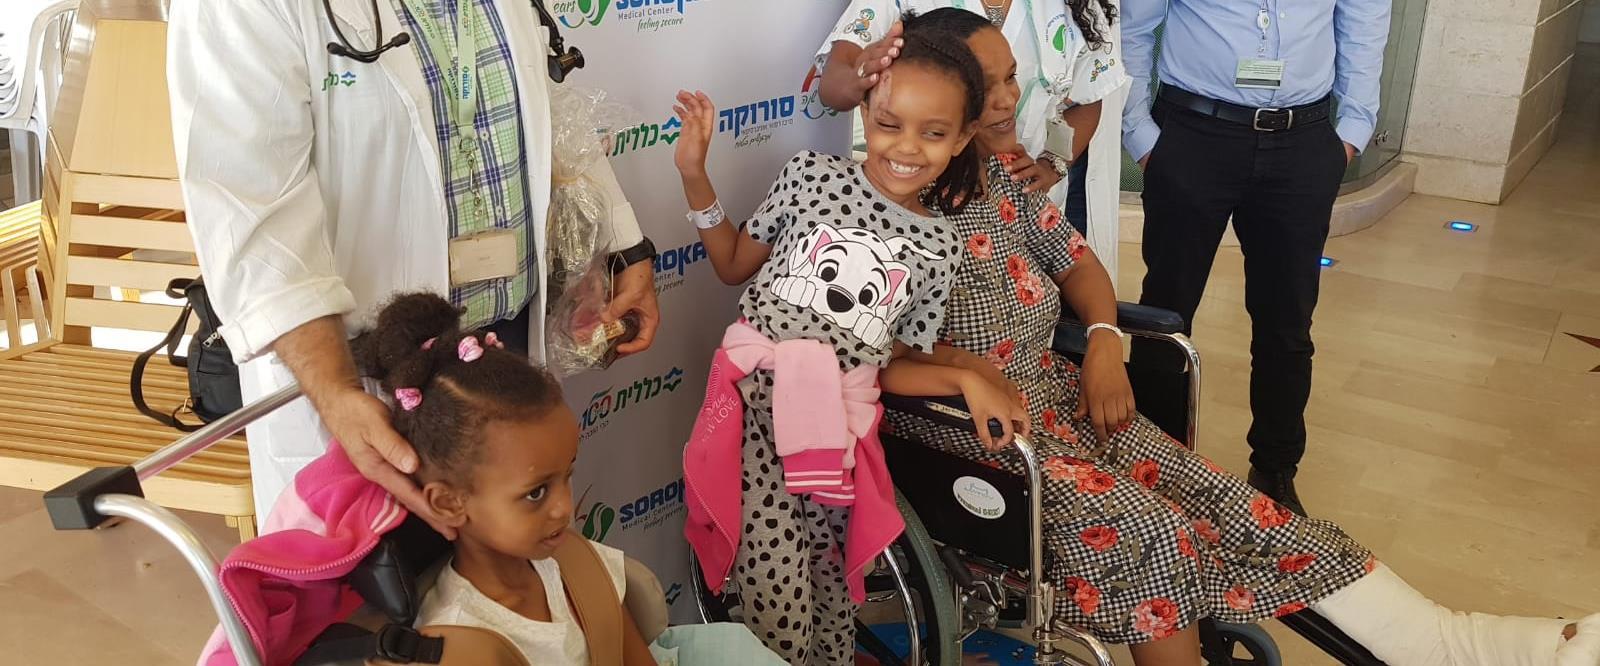 בנות המשפחה משתחררות מבית החולים